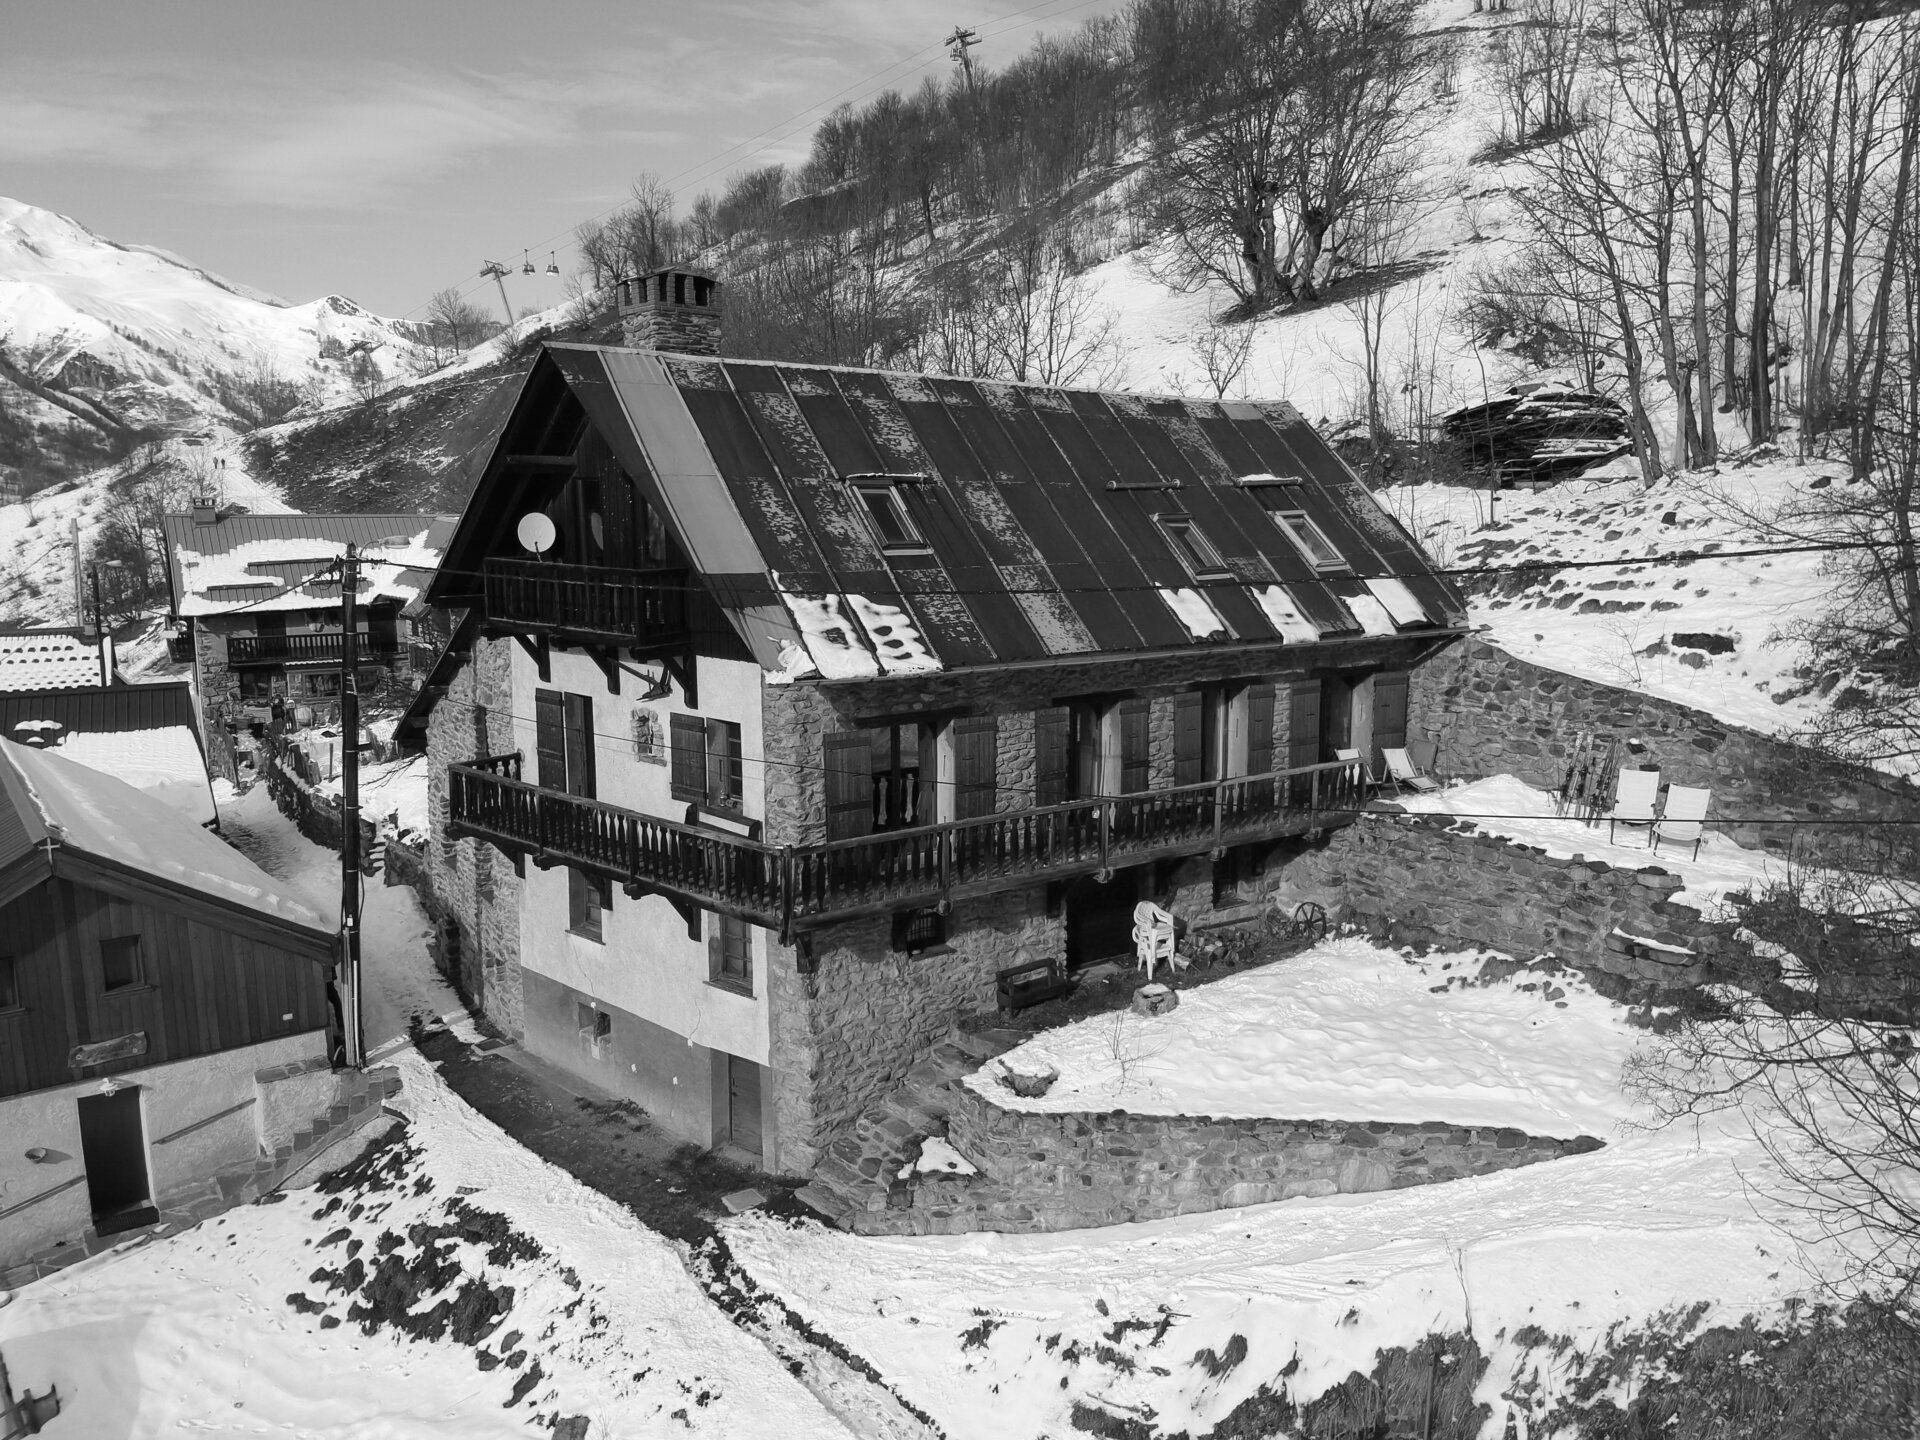 maison village agence montagne